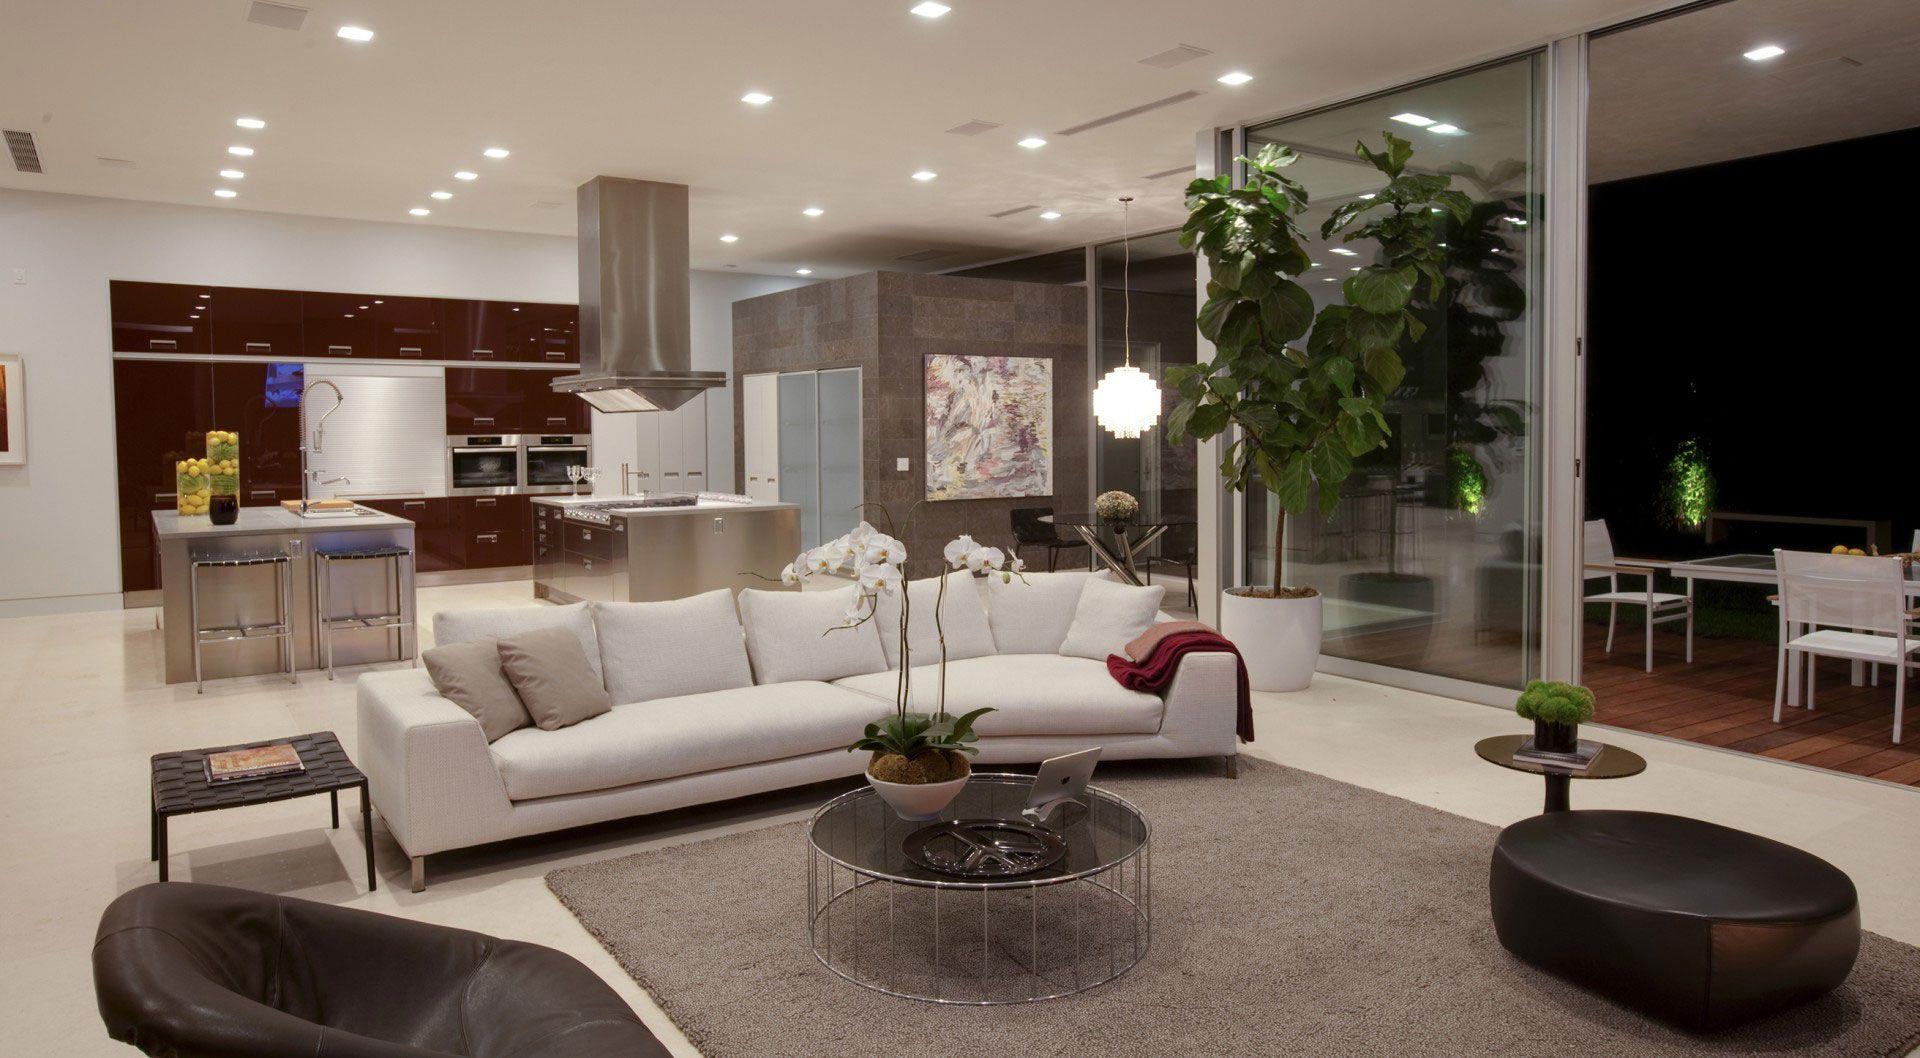 Beverly hills house by mcclean design caandesign - Casas minimalistas de lujo ...